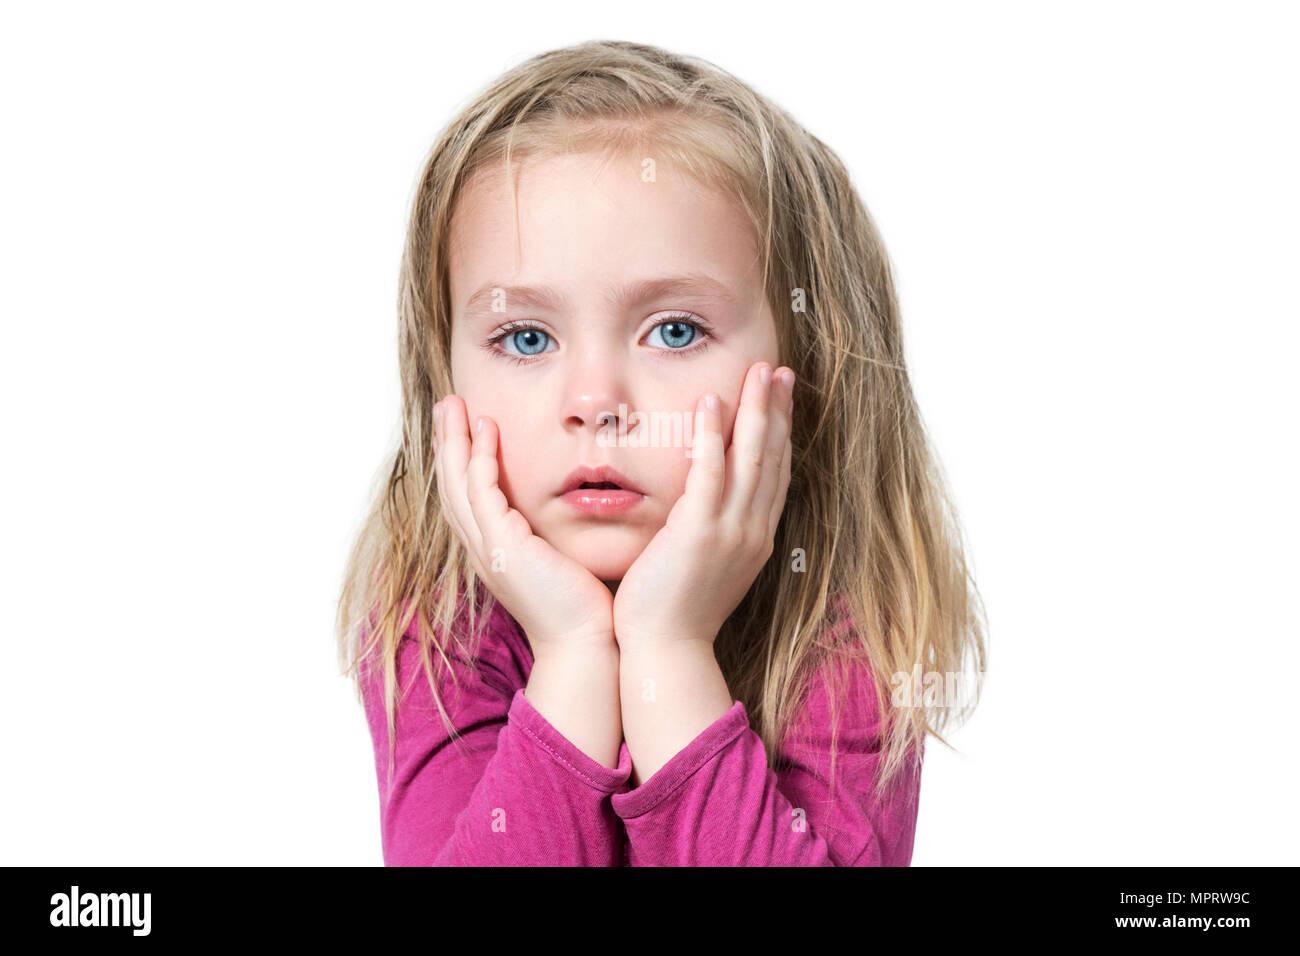 Portrait d une petite fille aux yeux bleus graves avec des cheveux  ébouriffés appuyée sur a0a693e20da